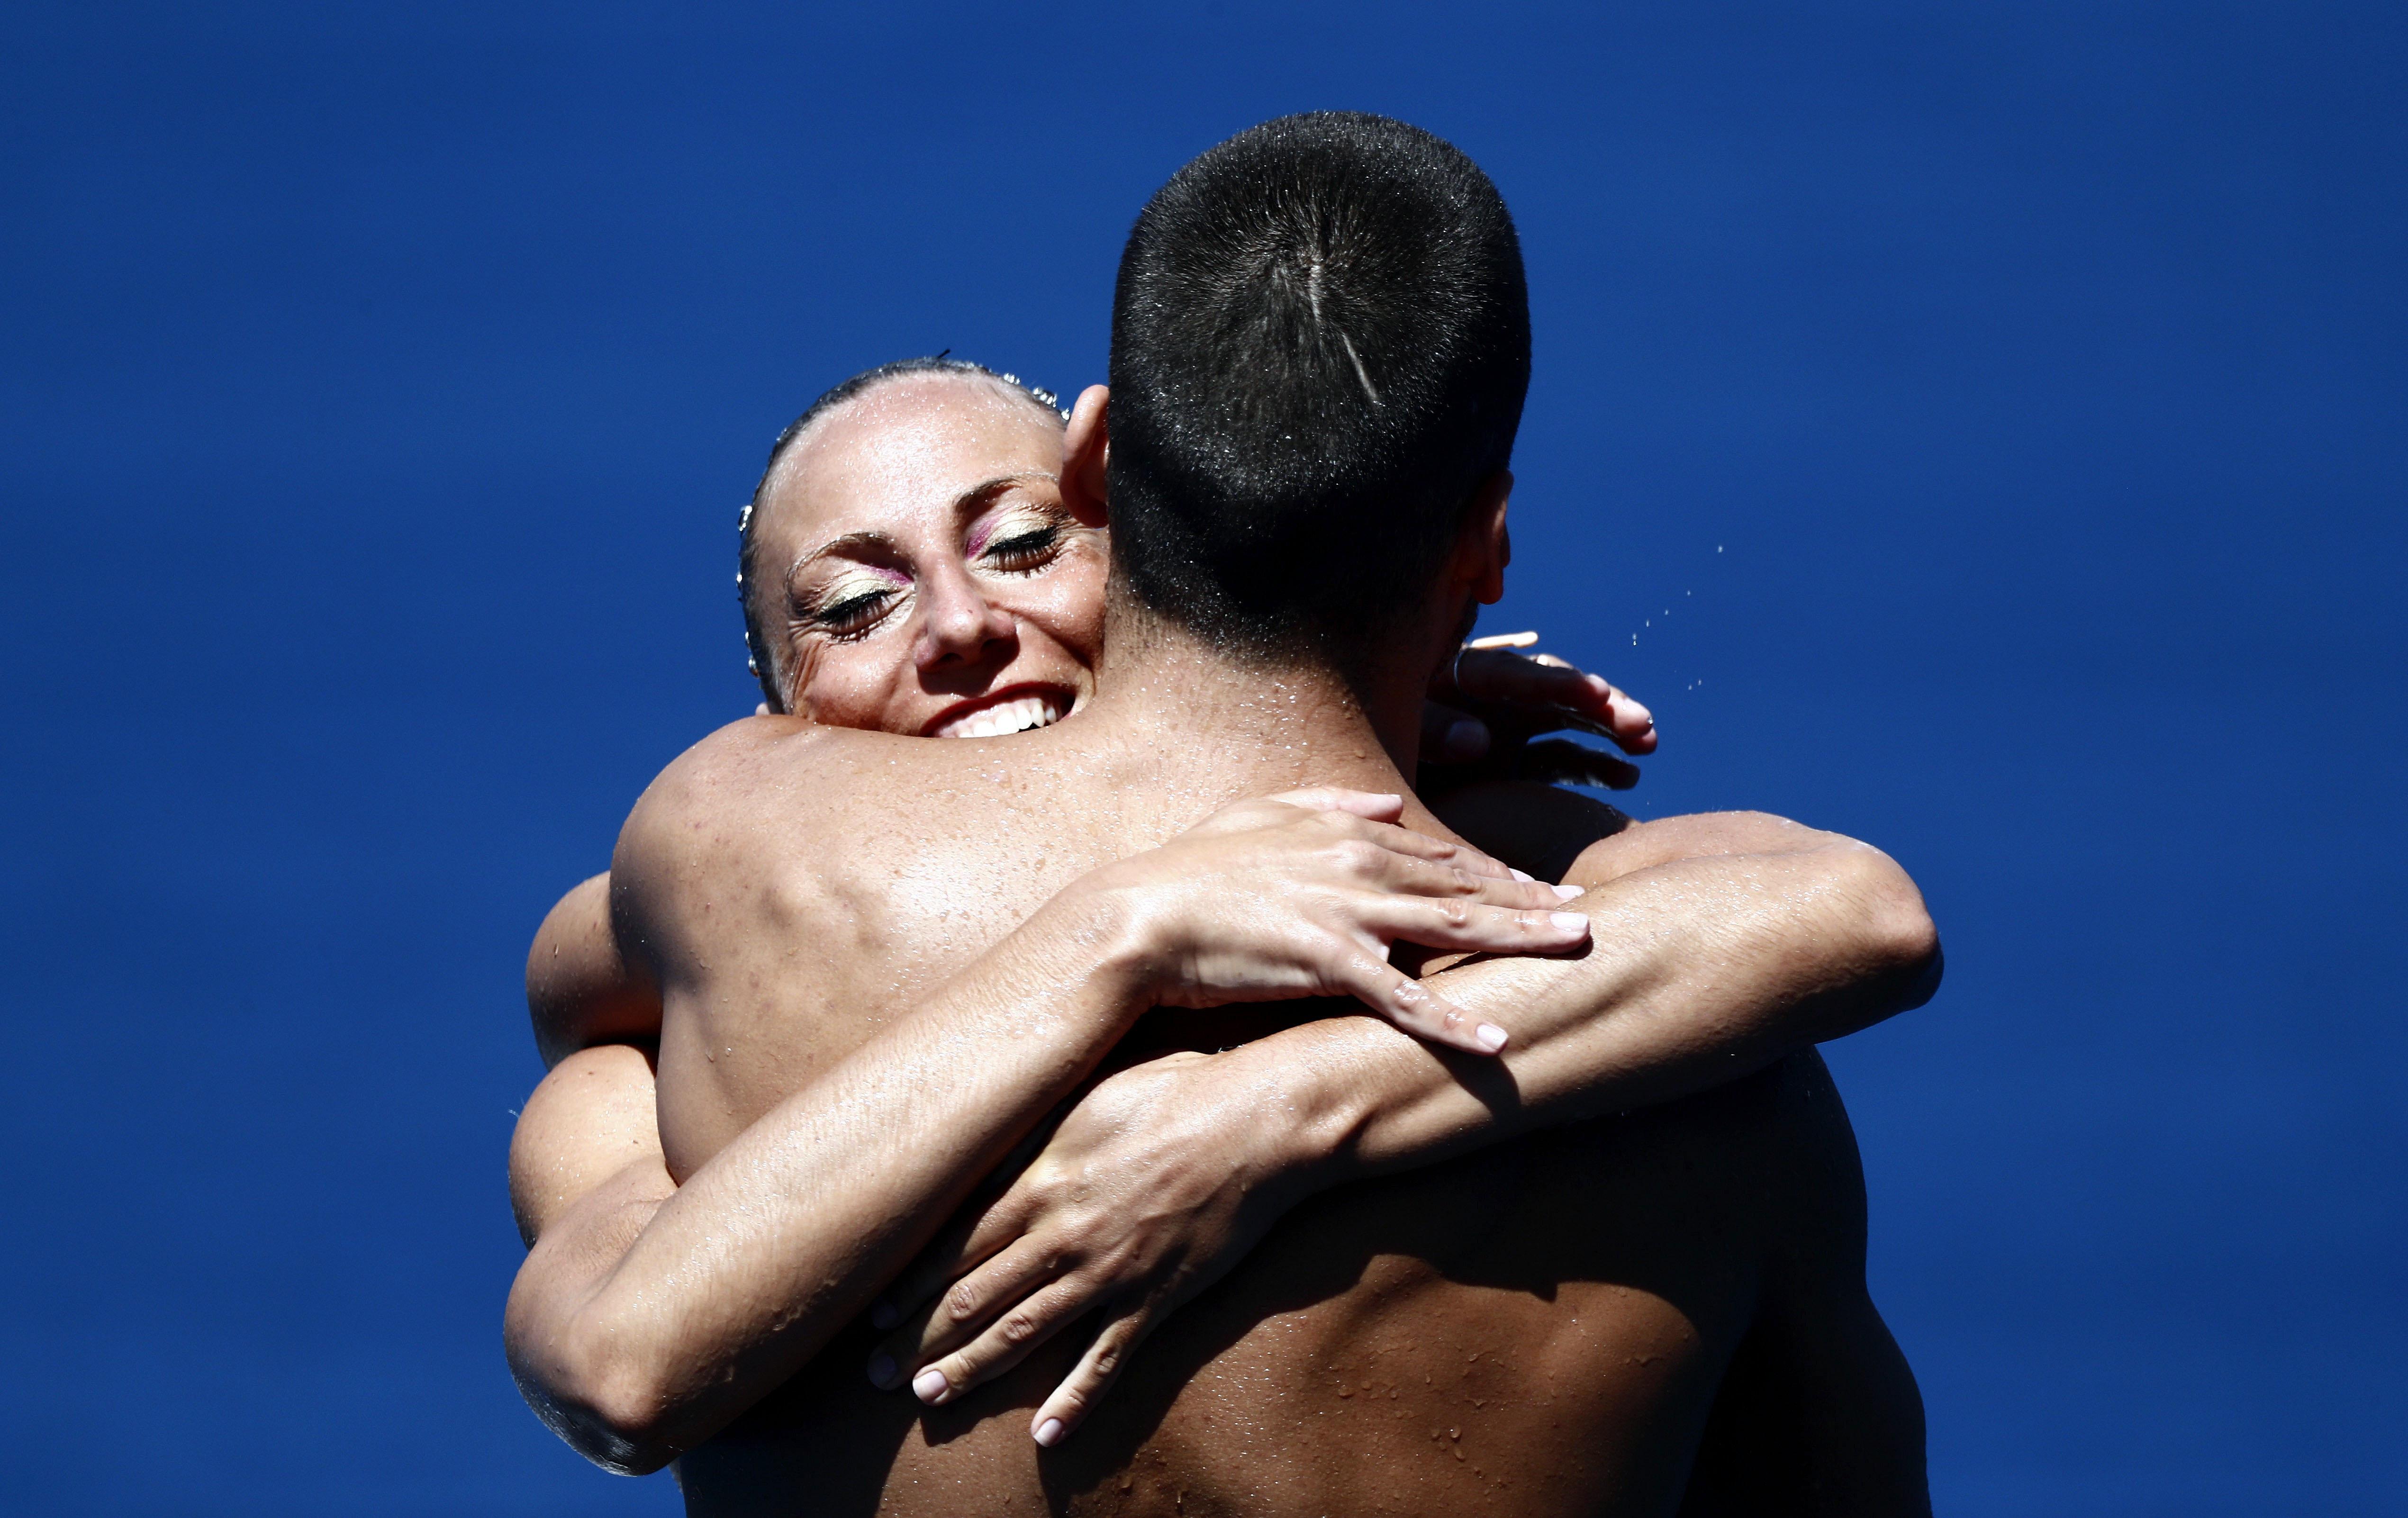 Manila Flamini i Giorgio Minisini després d'aconseguir la medalla d'or en la final de duo tècnic mixt de natació sincronitzada del Mundial de Natació que es disputa a Budapest (Hongria). /ALBERTO ESTÉVEZ